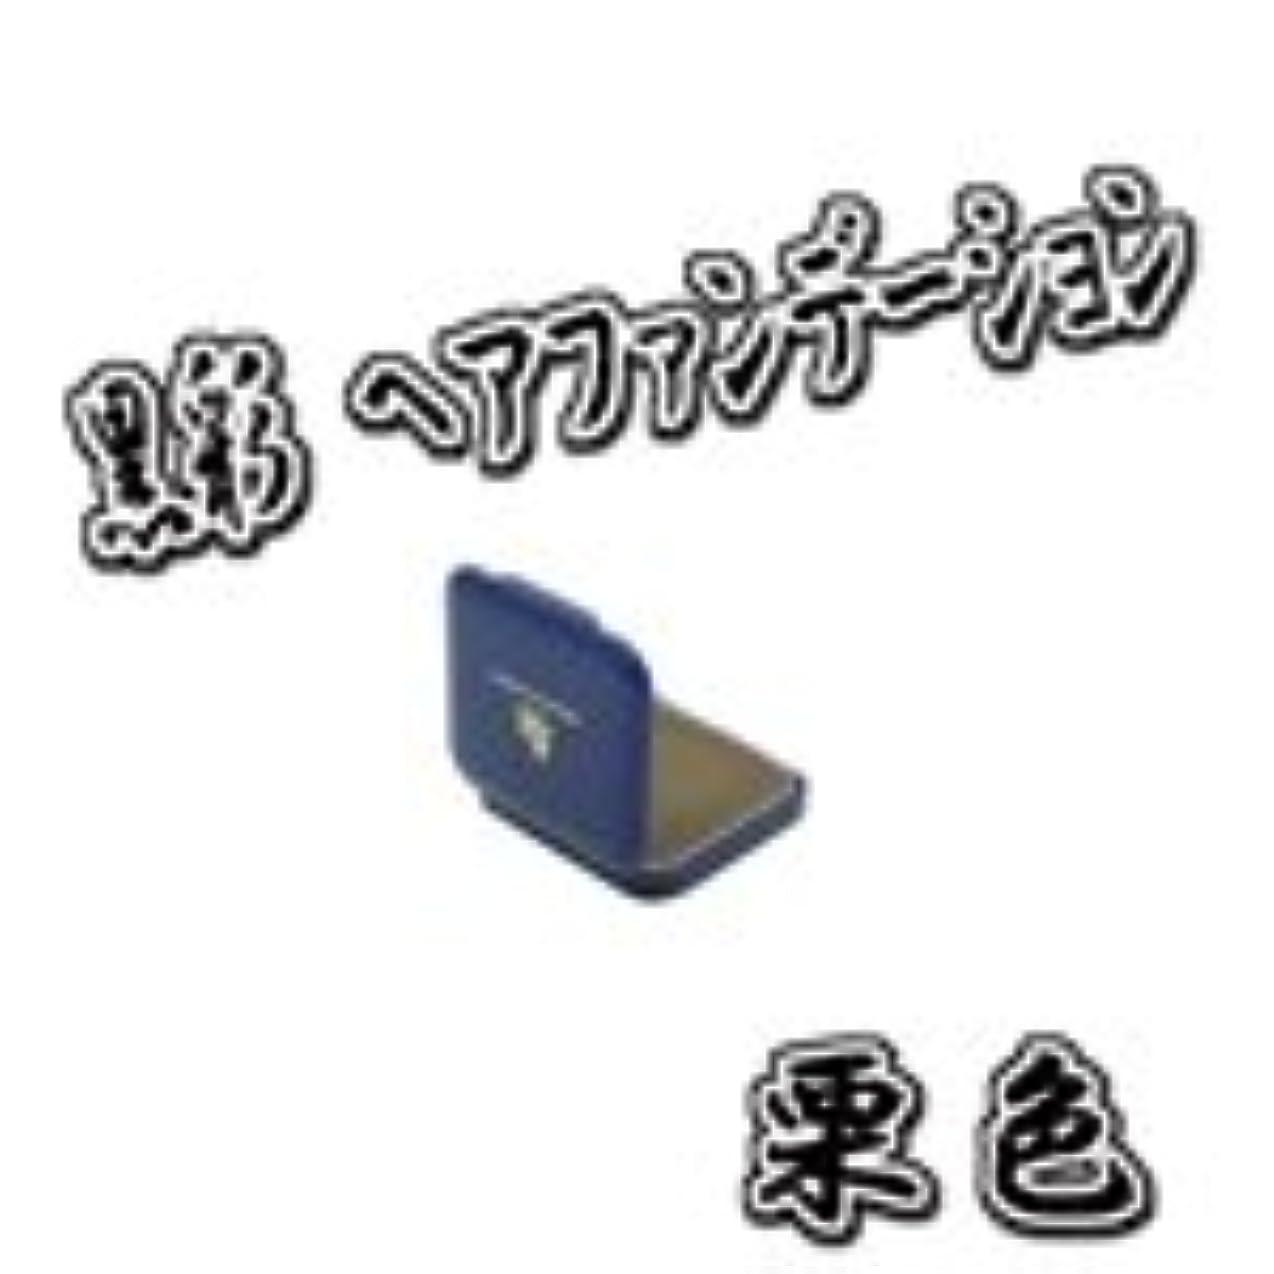 噴火未来電化するAMOROS アモロス 黒彩 ヘアファンデーション 【栗】 13g ミニケース パフ付